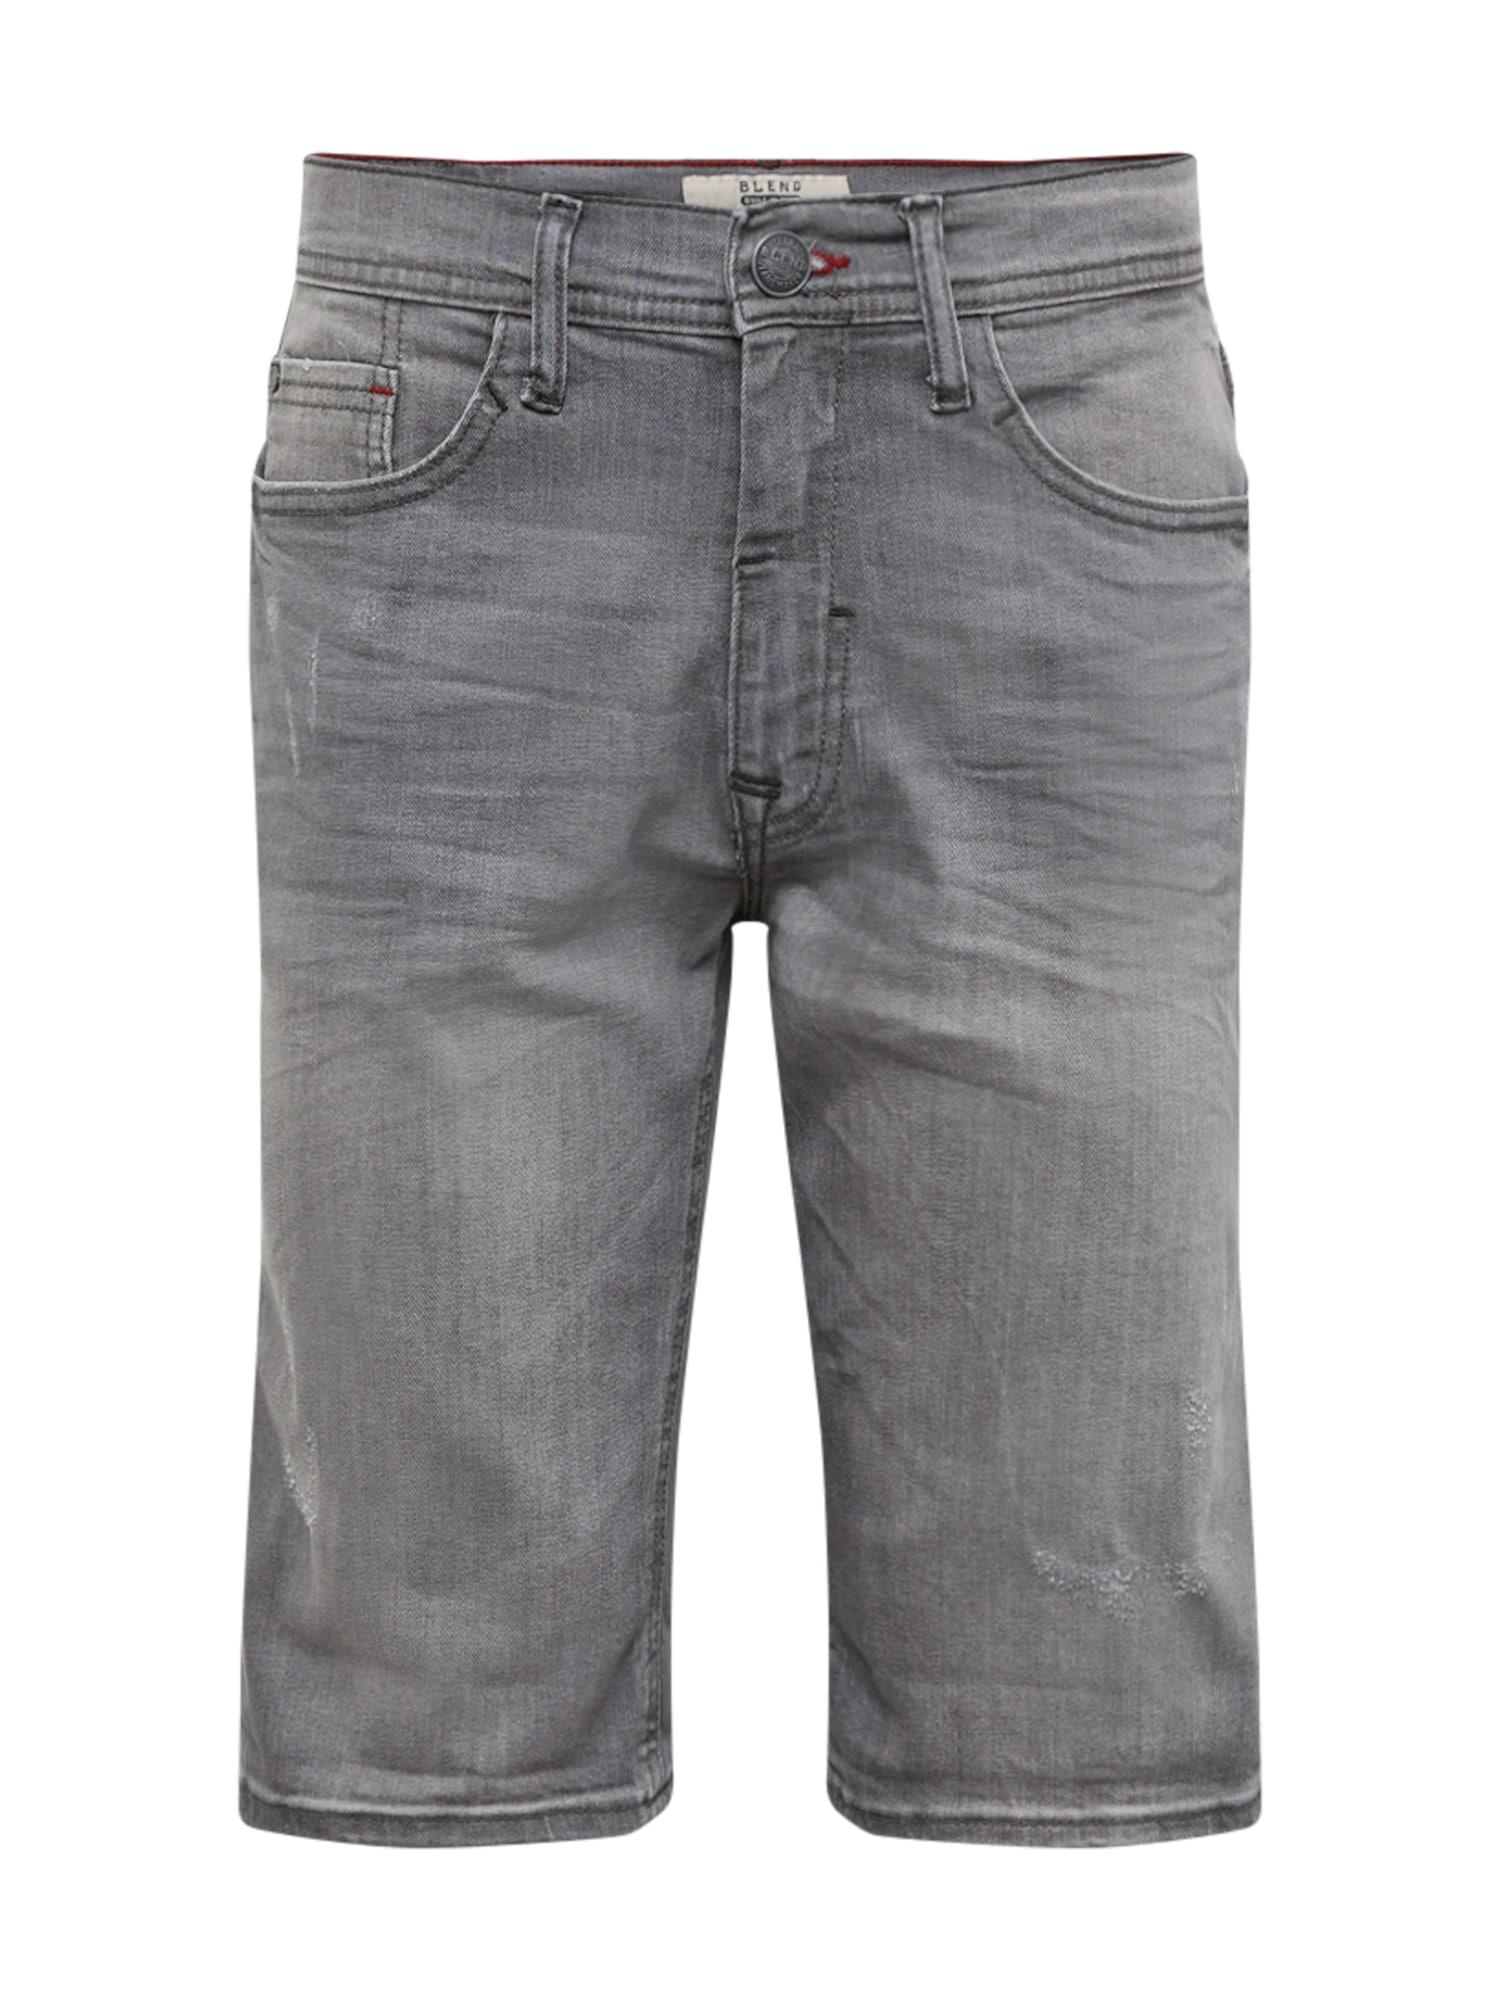 Džíny Denim Shorts Twister Slim šedá džínová BLEND